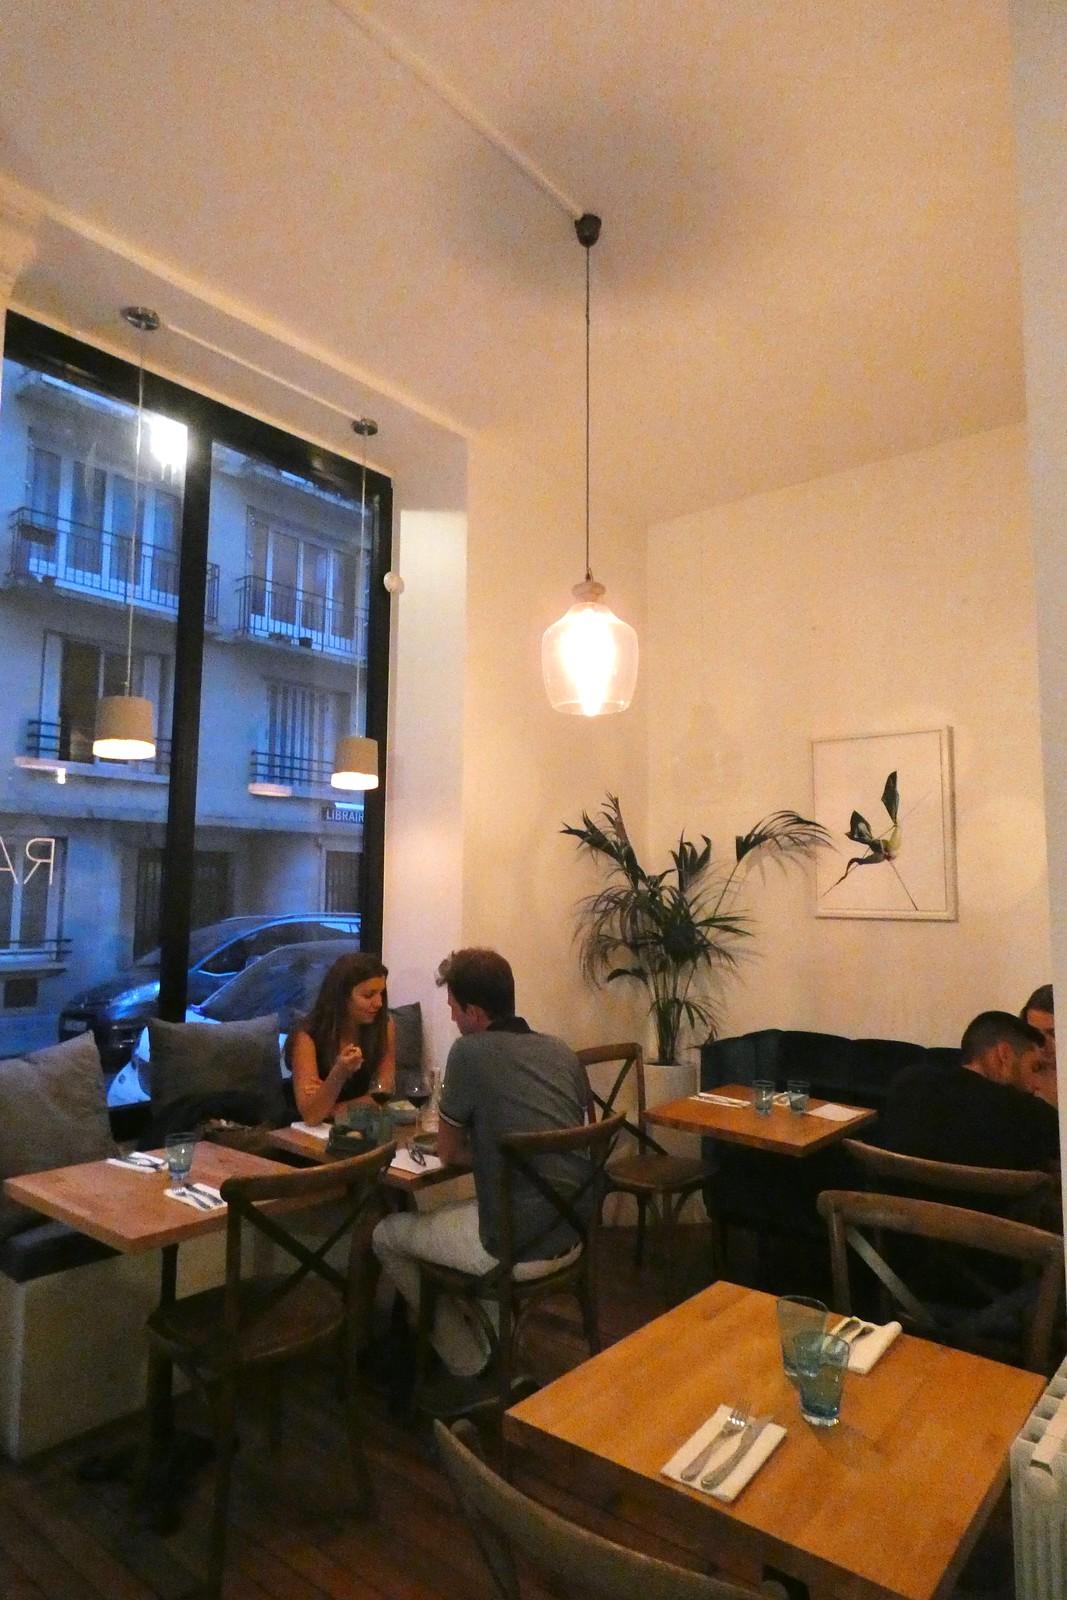 Restaurant Raw St. Germain, Paris - La Fourchette